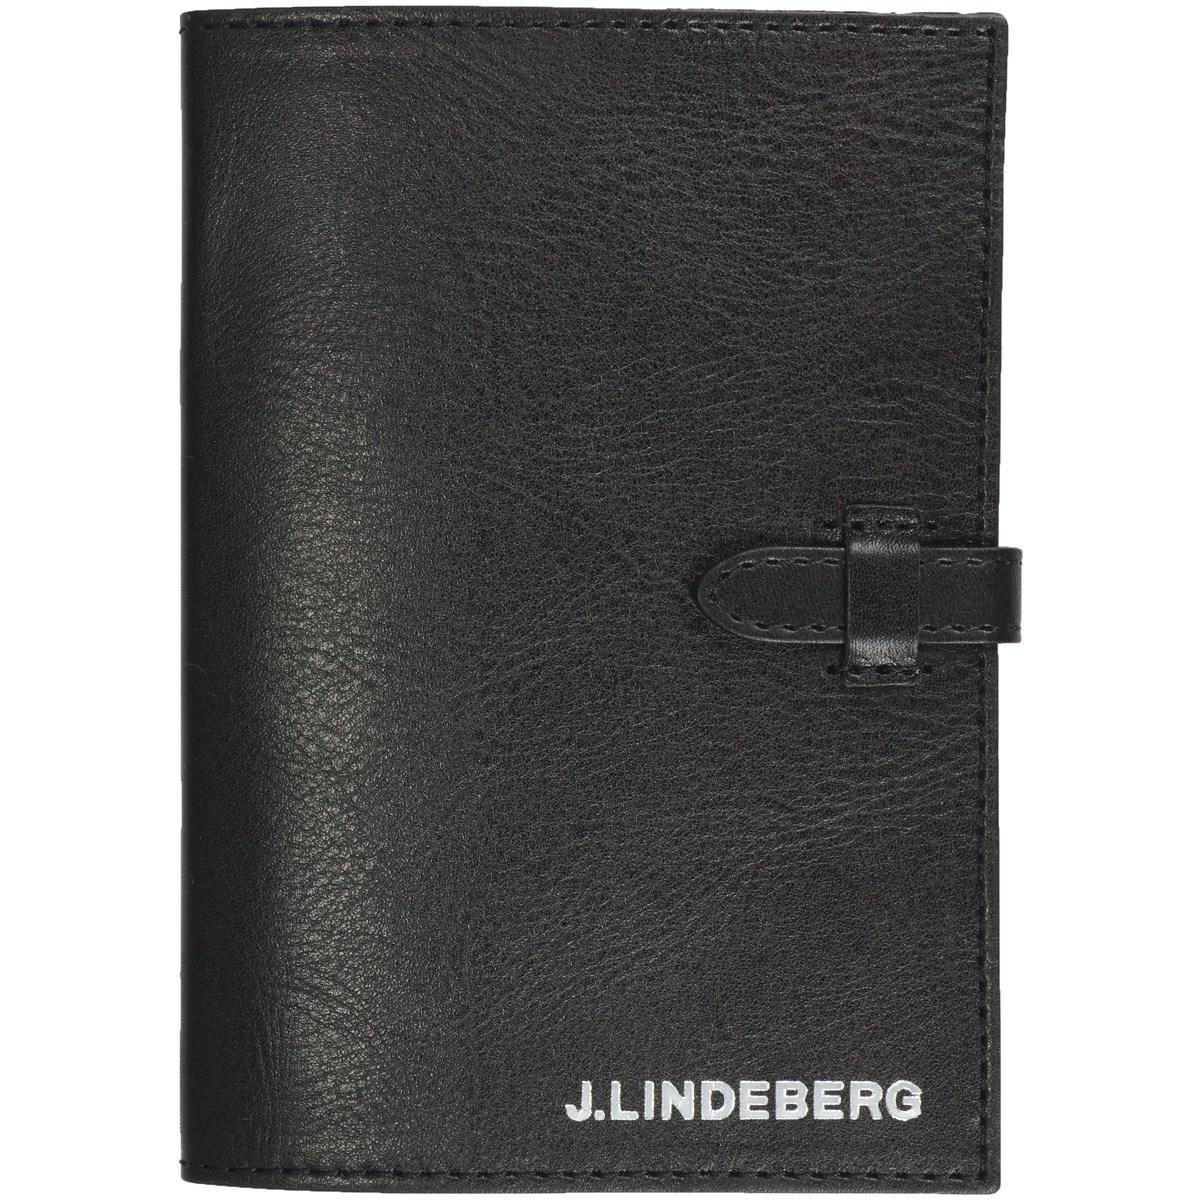 J.リンドバーグ レザースコアカードホルダー